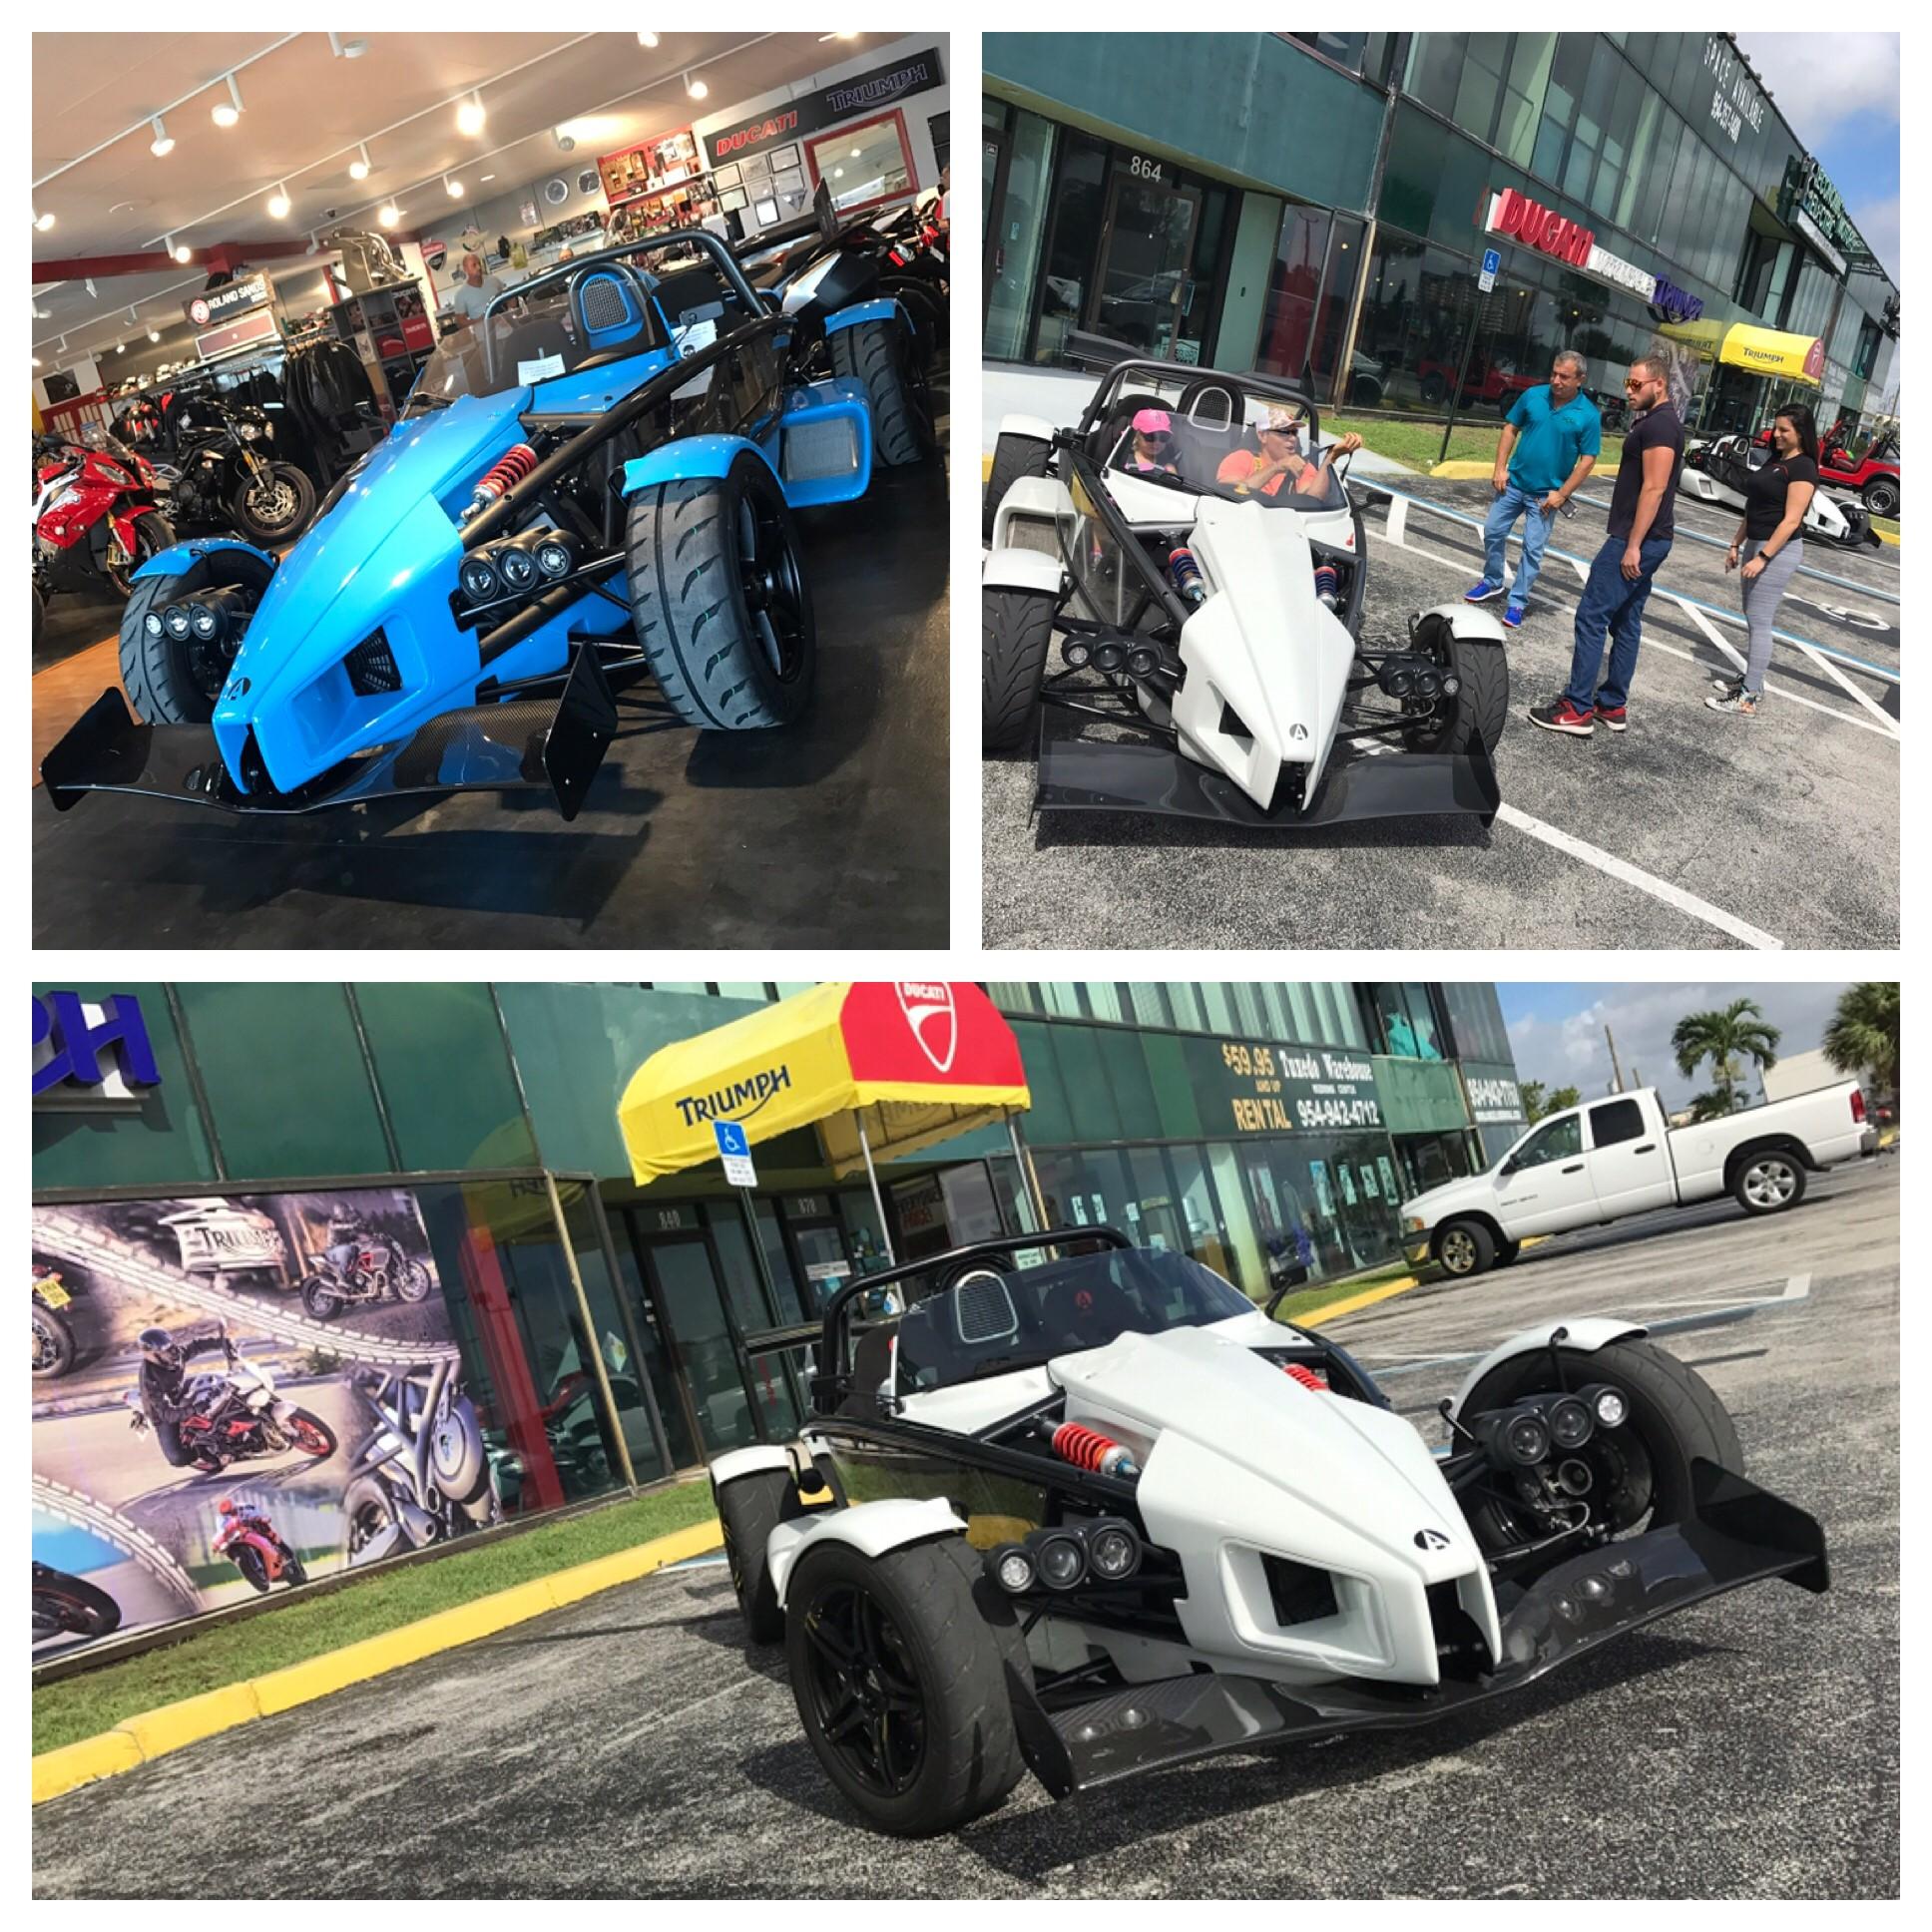 October, 2017 - Dealer Meet & Greet at Two Wheels World